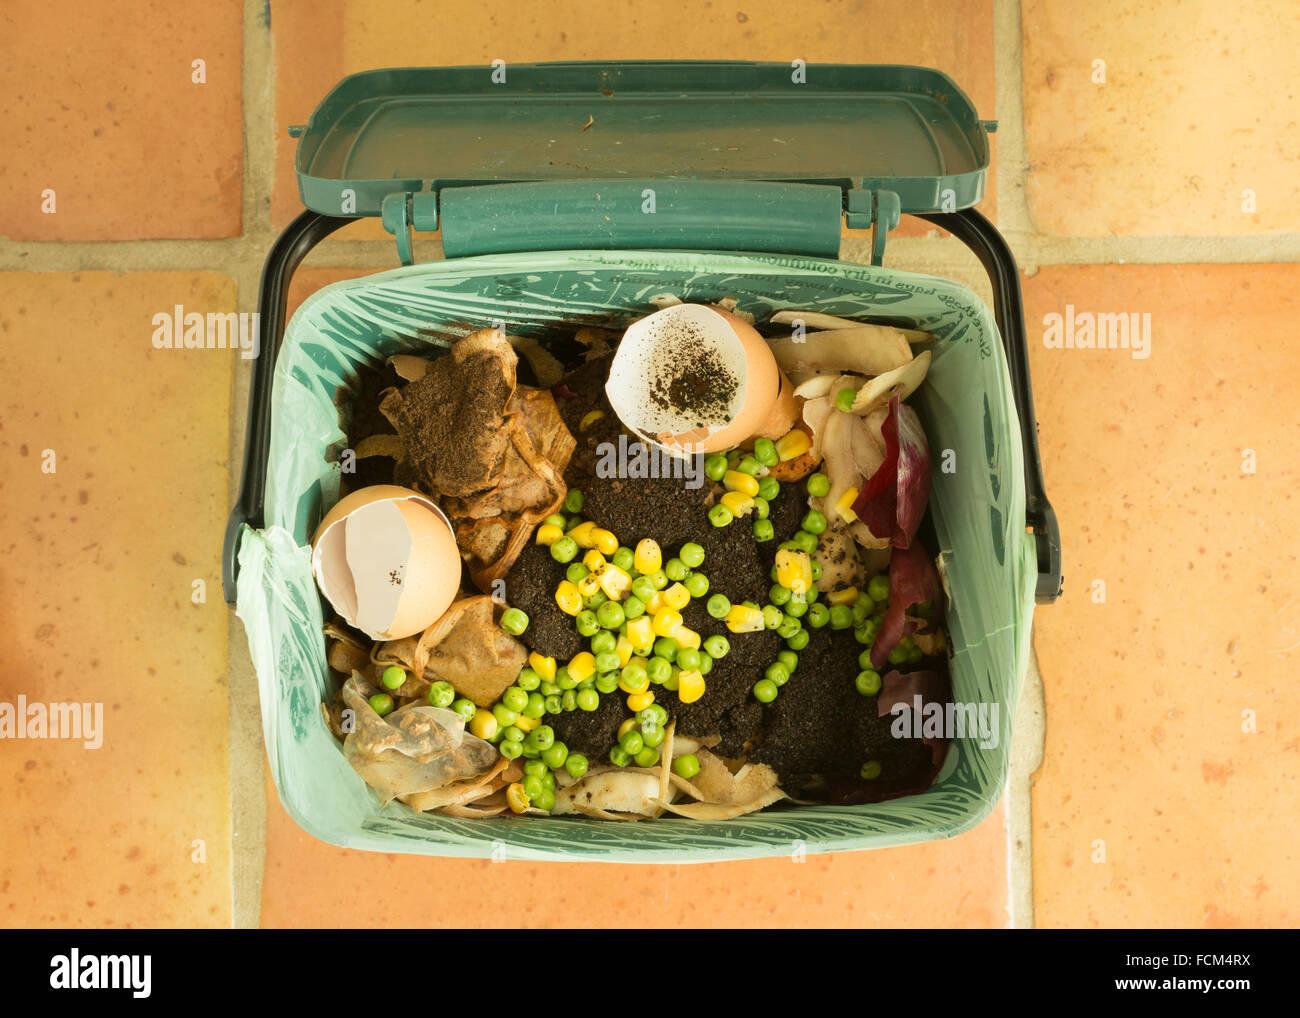 Speisereste - indoor Lebensmittel recycling Caddy voller Küchenabfälle für recycling oder Kompostierung Stockbild